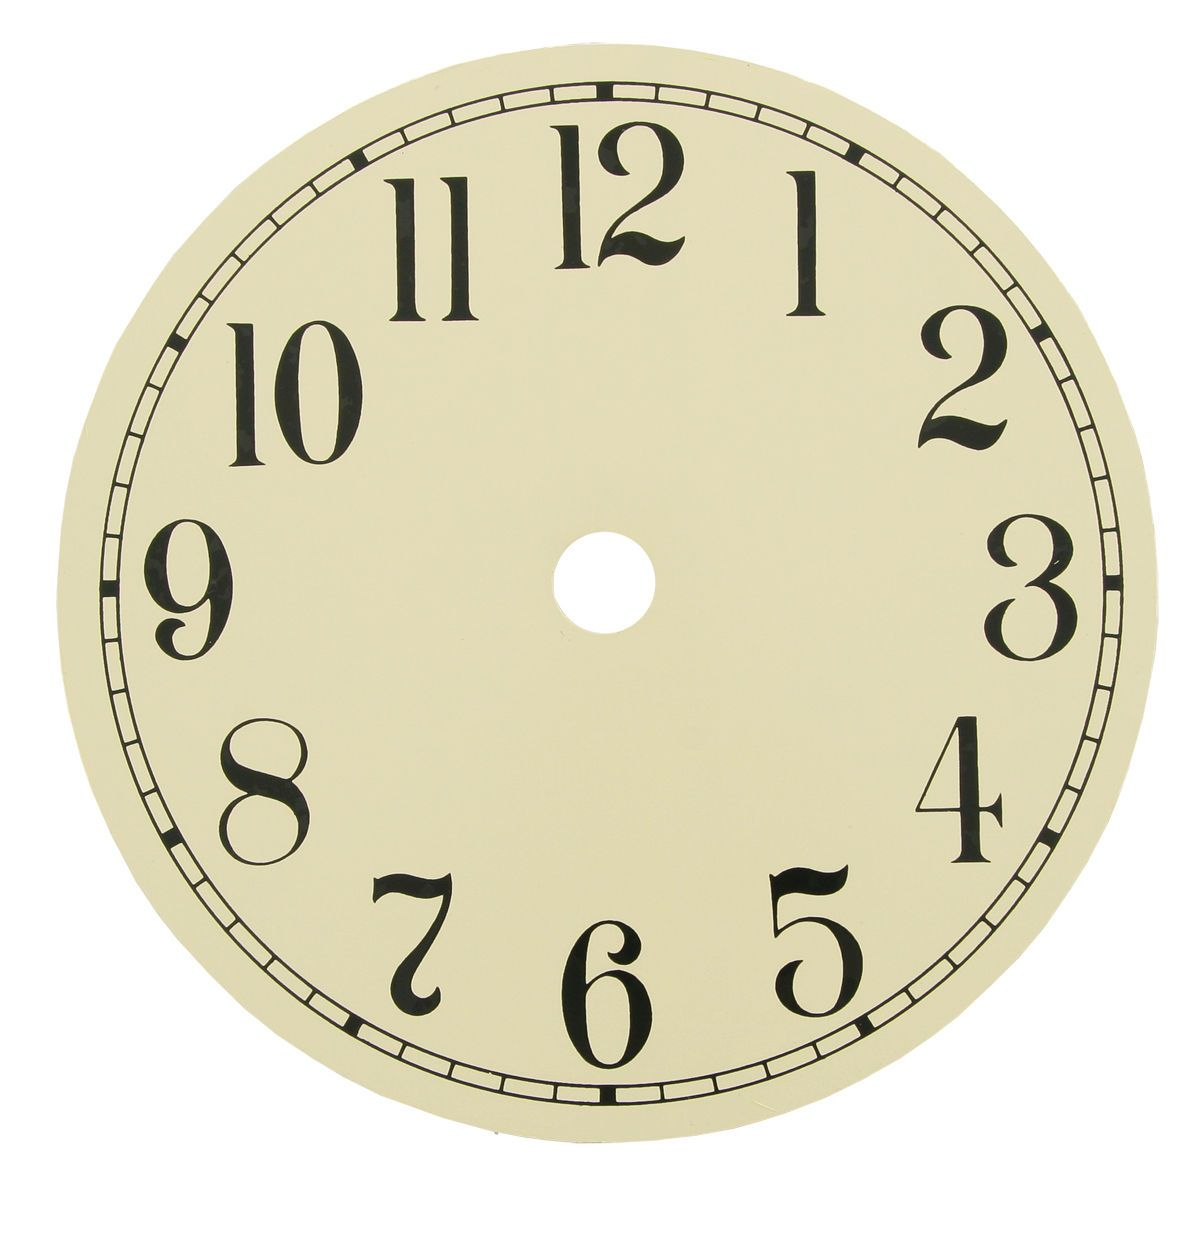 ошибочно большая картинка циферблата часов для